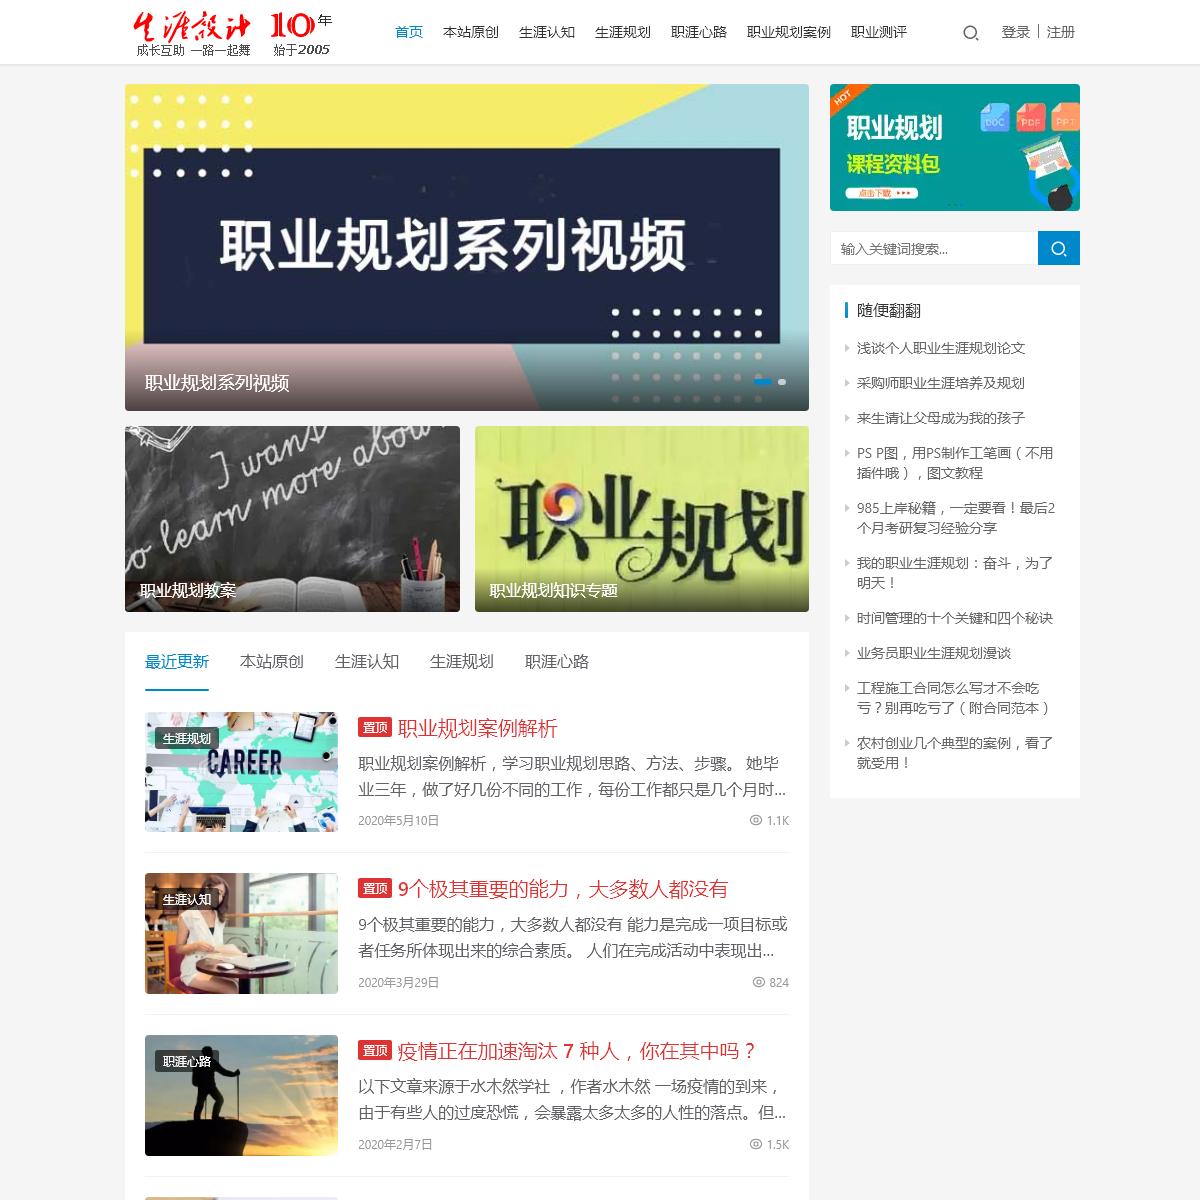 生涯设计 - 职业规划公益网站